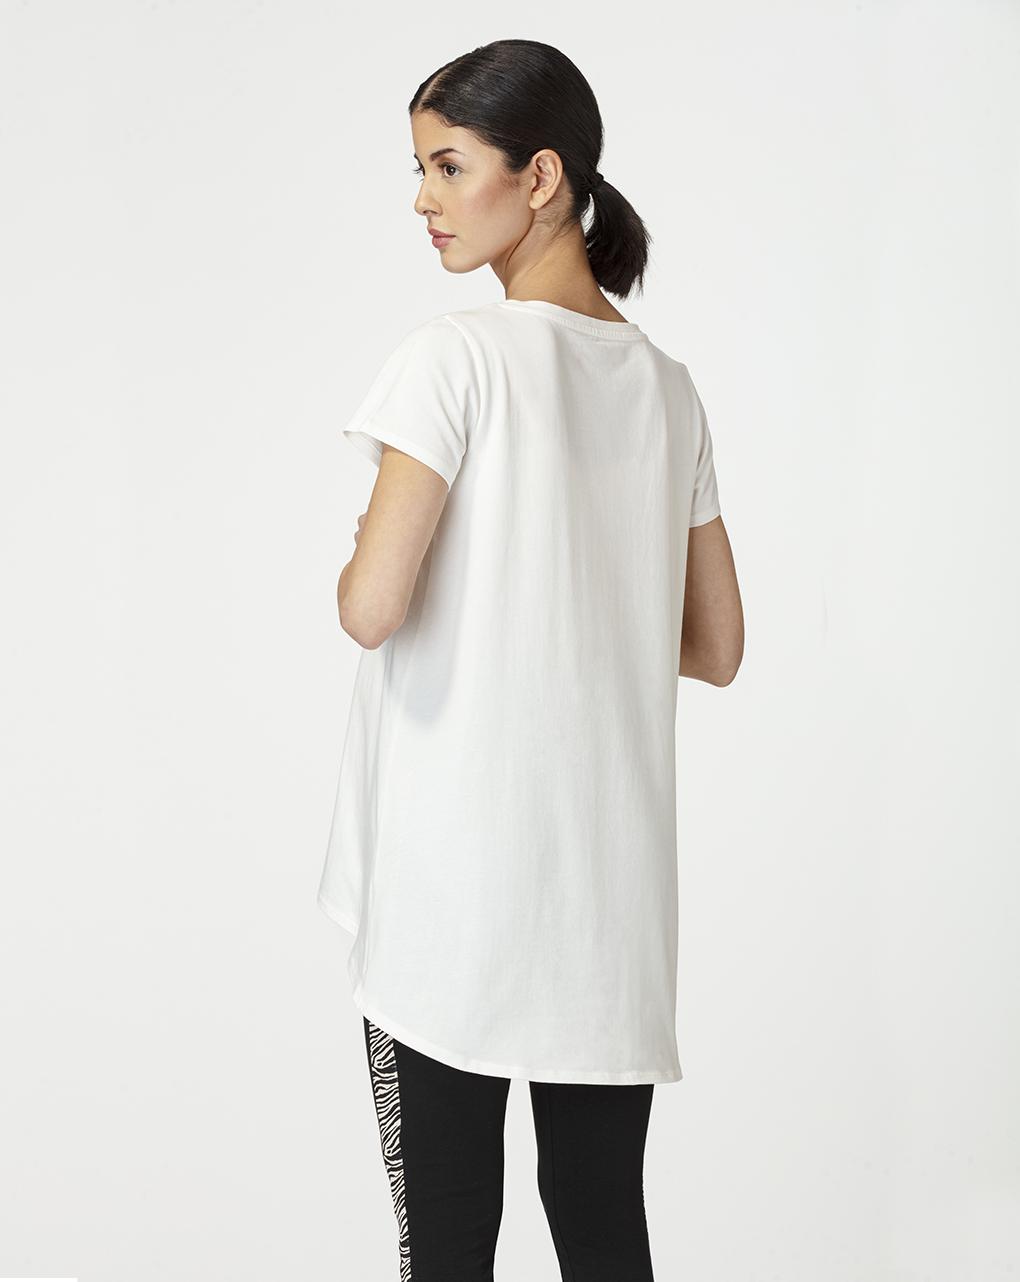 T-shirt premaman con stampa metallizzata - Prénatal